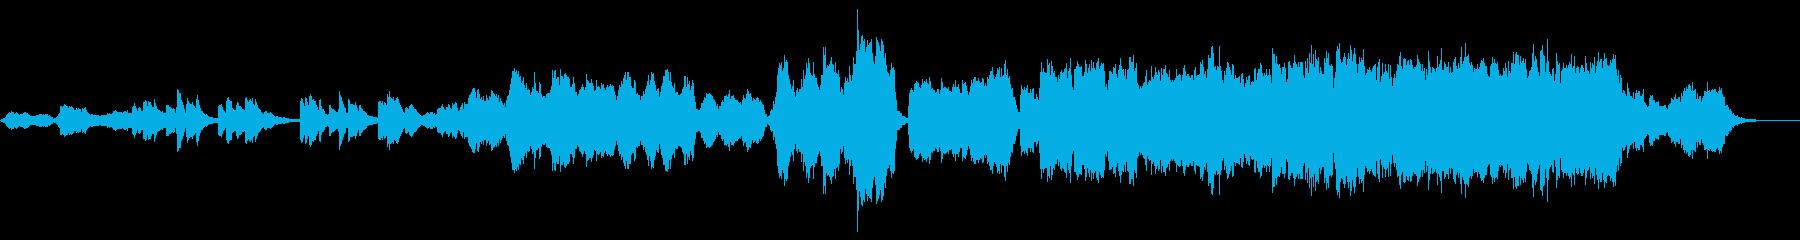 荒城の月 アレンジバージョンの再生済みの波形